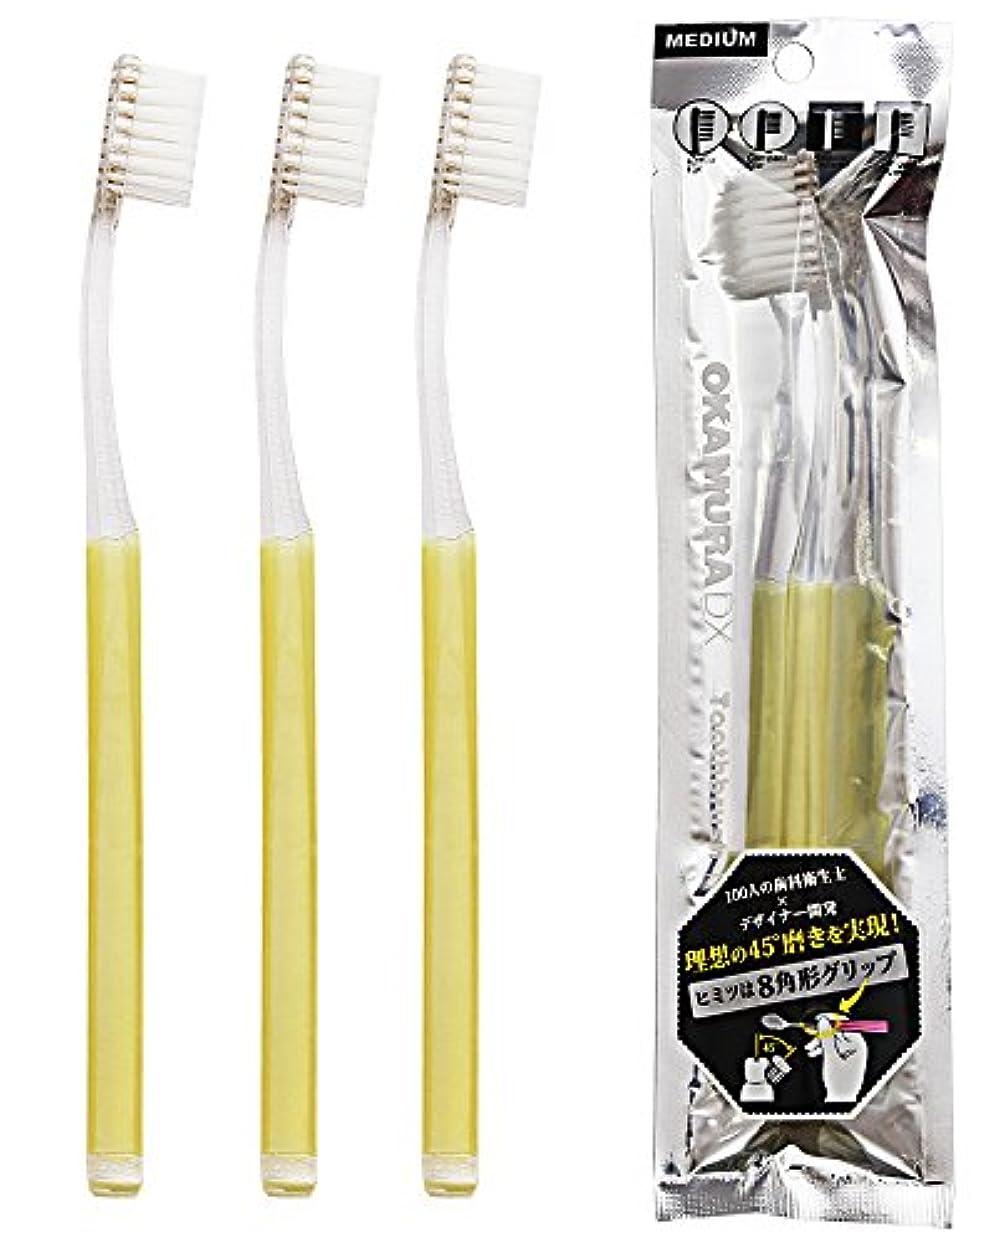 クーポン陰気放棄するオカムラ(OKAMURA) ラージヘッド 先細 歯ブラシ 3本セット イエロー